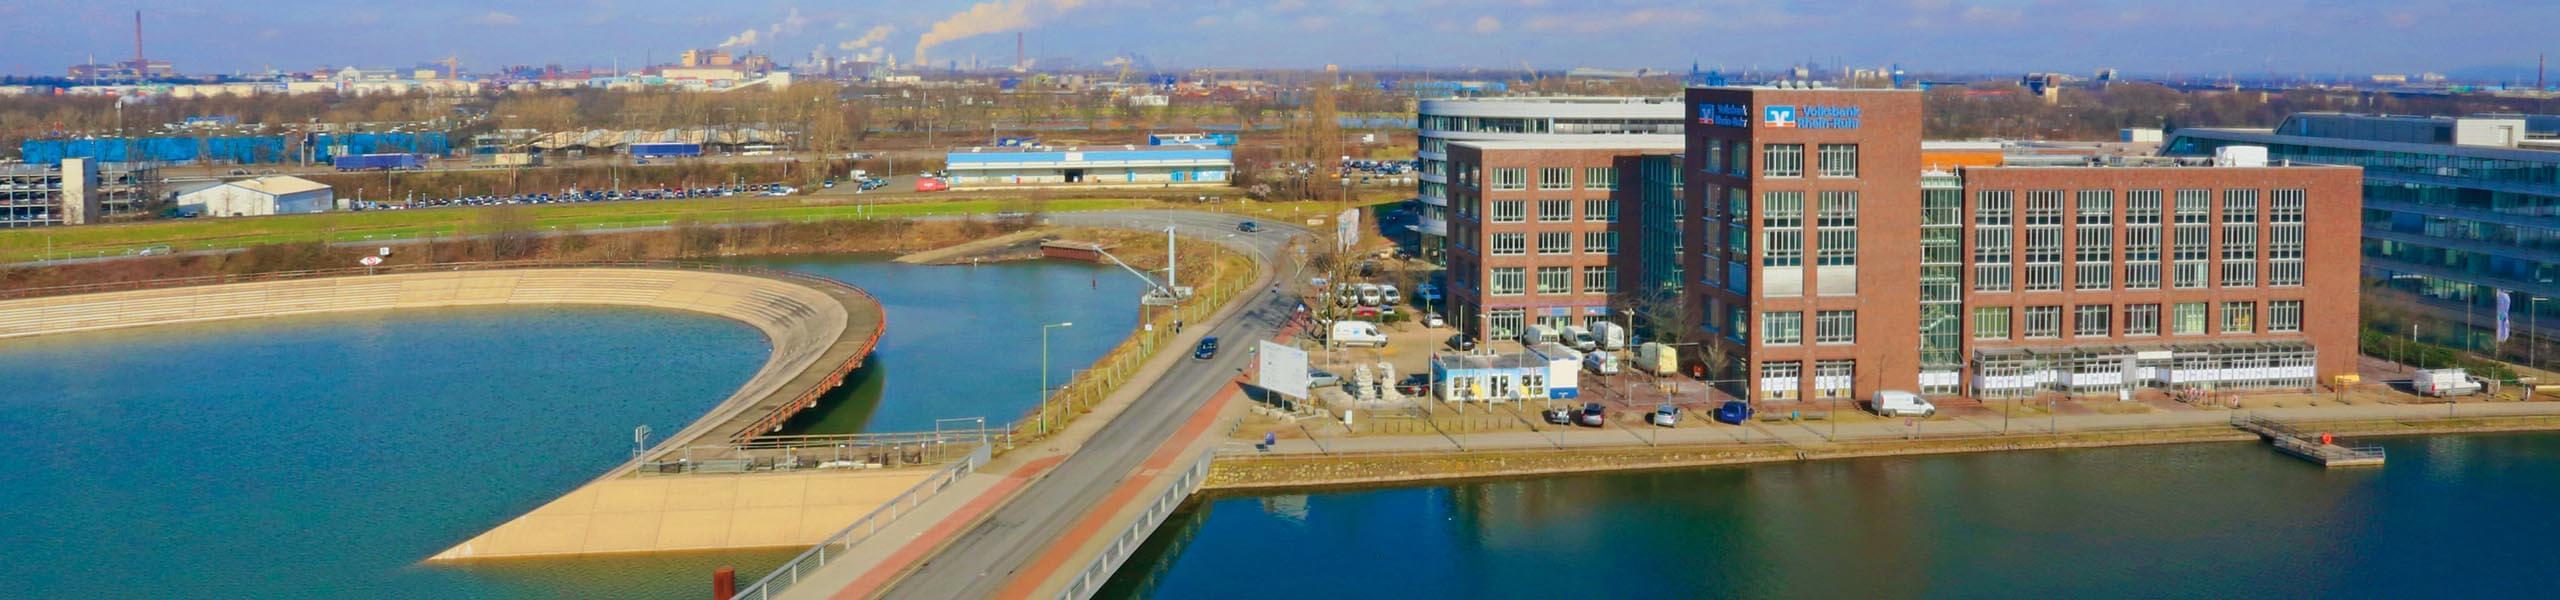 Voba-Rhein-Ruhr-Panorama-2-Revolution-slider